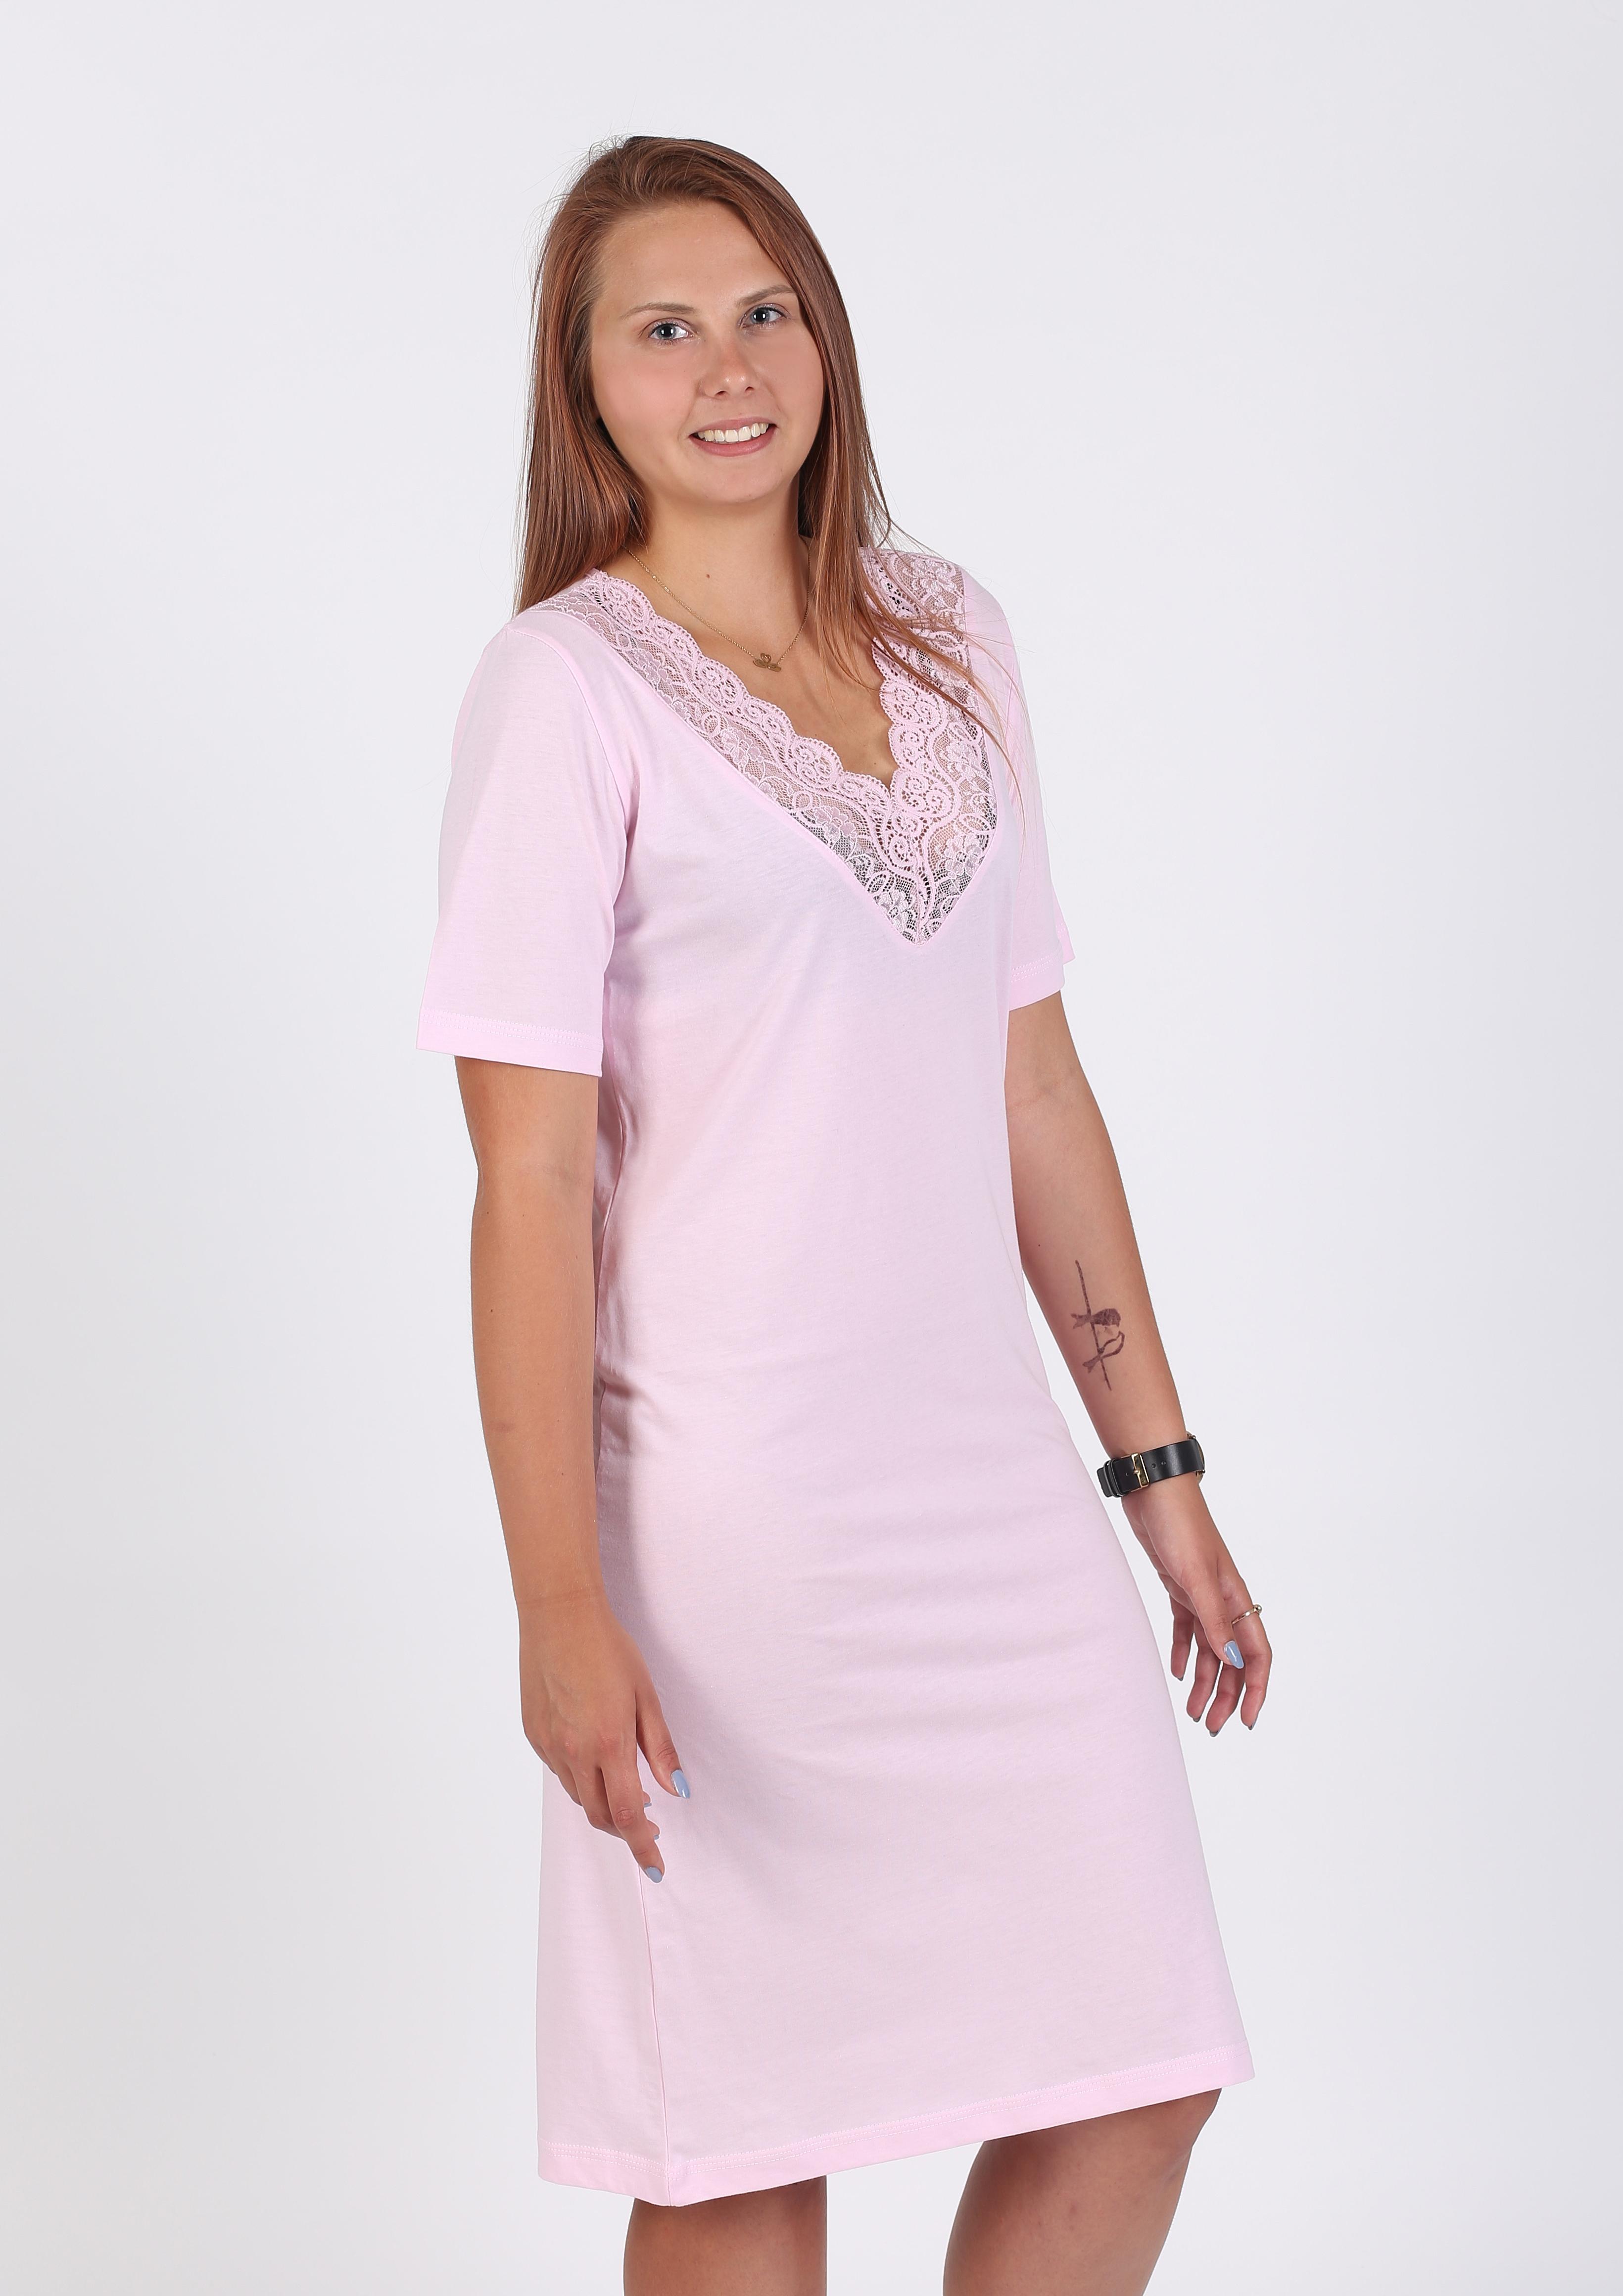 f1f2e3bdf58a61 Koszule nocne   Kategorie produktów   Szata sklep z odzieżą damską i męską